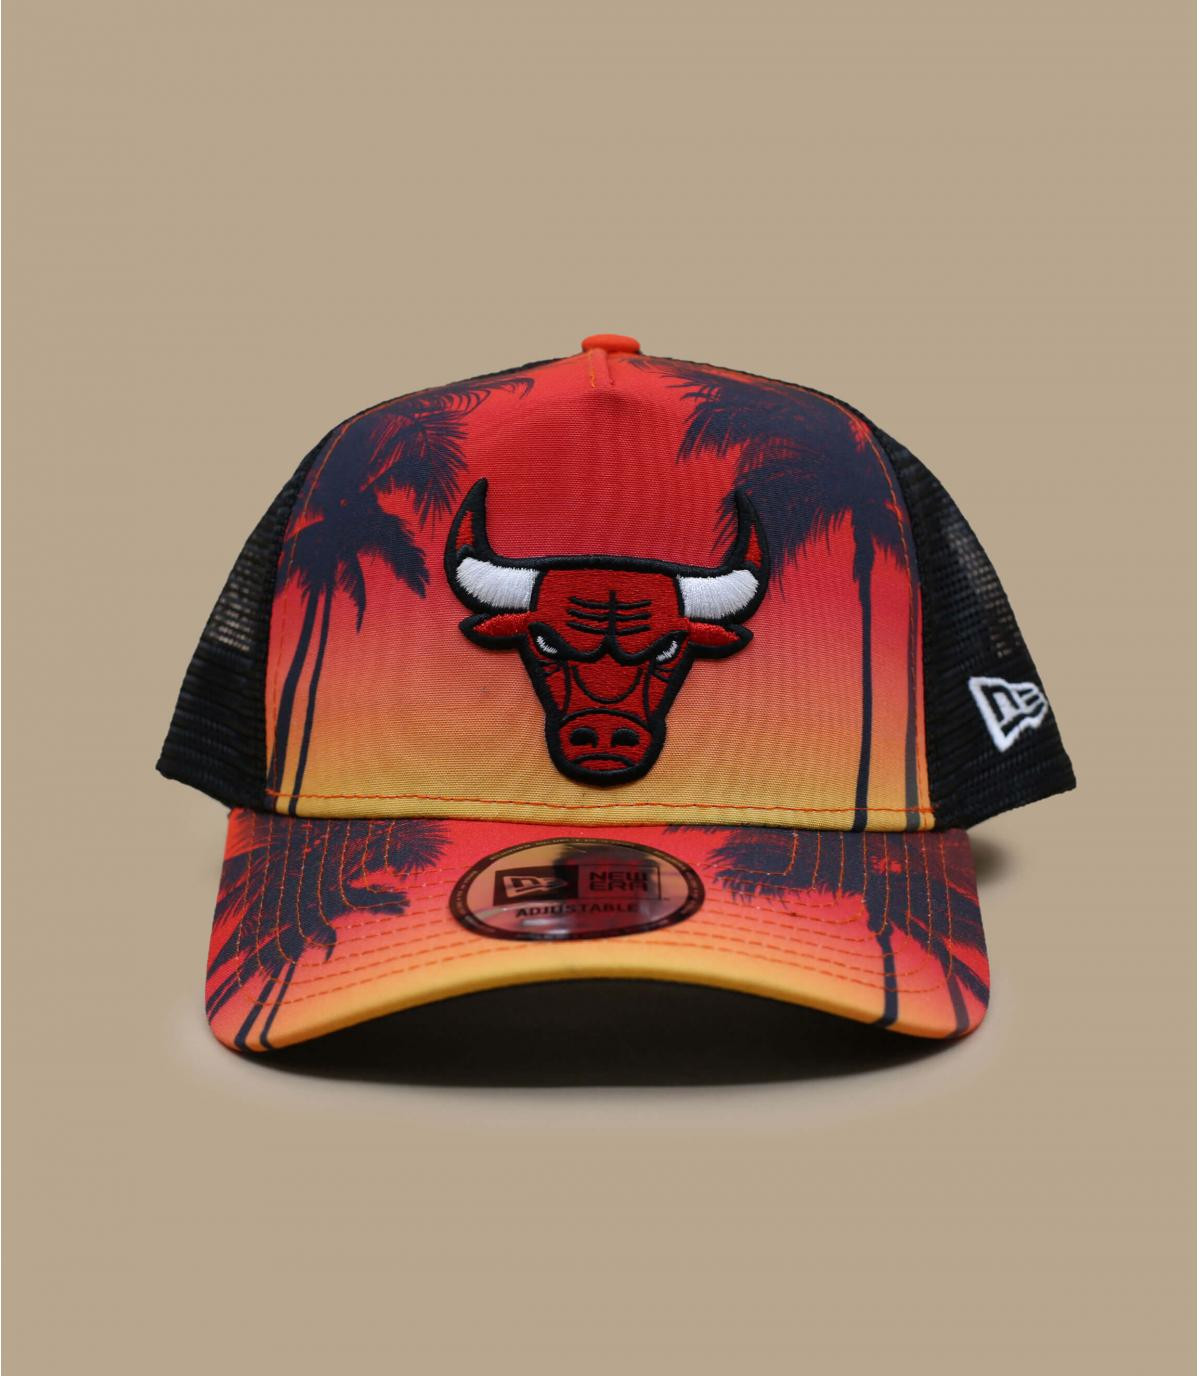 Détails Trucker Summer City Bulls - image 2